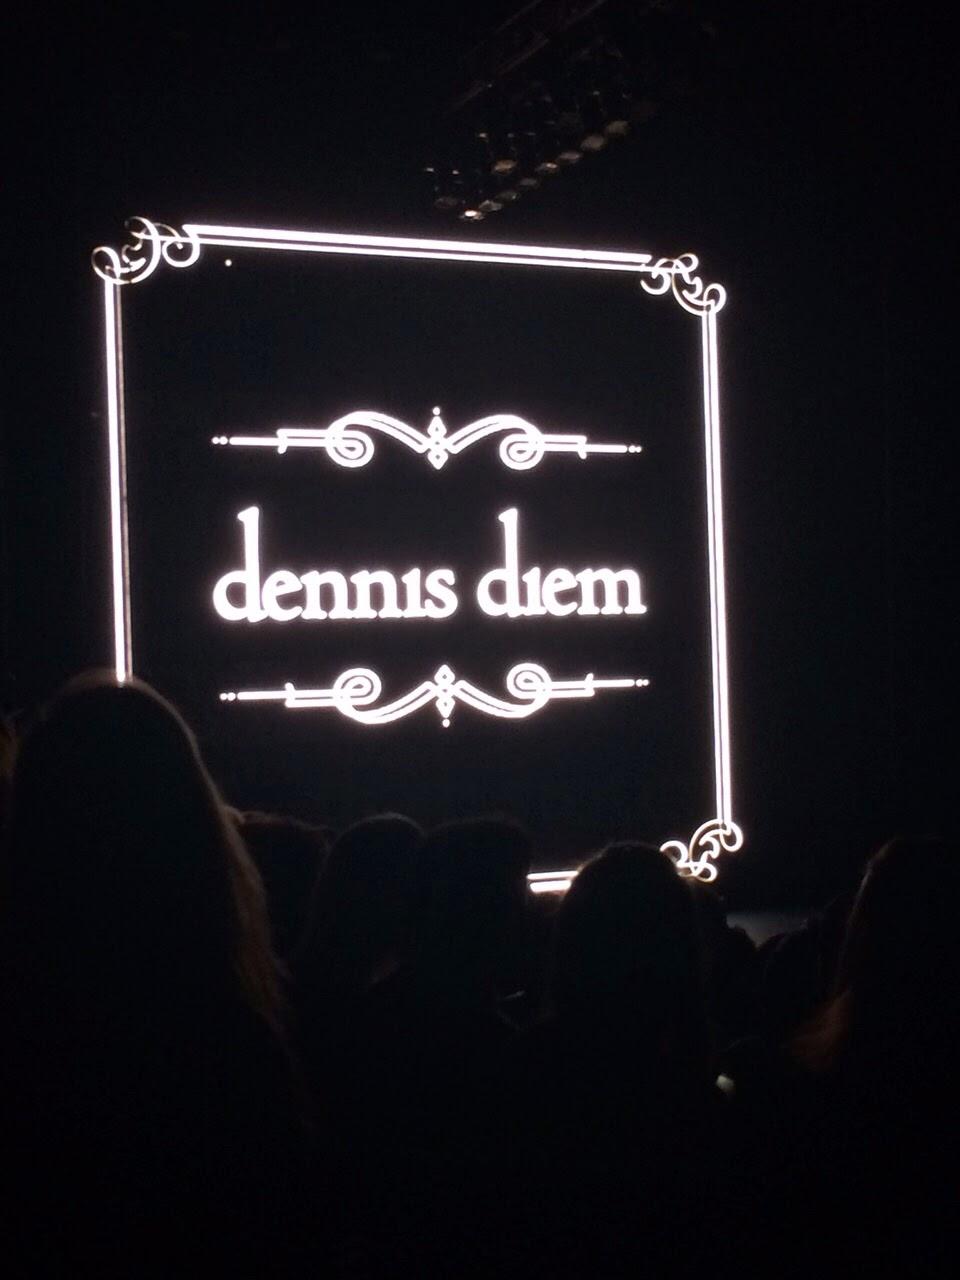 Dennis Diem at Mercedez-Benz Fashion Week Amsterdam 2015